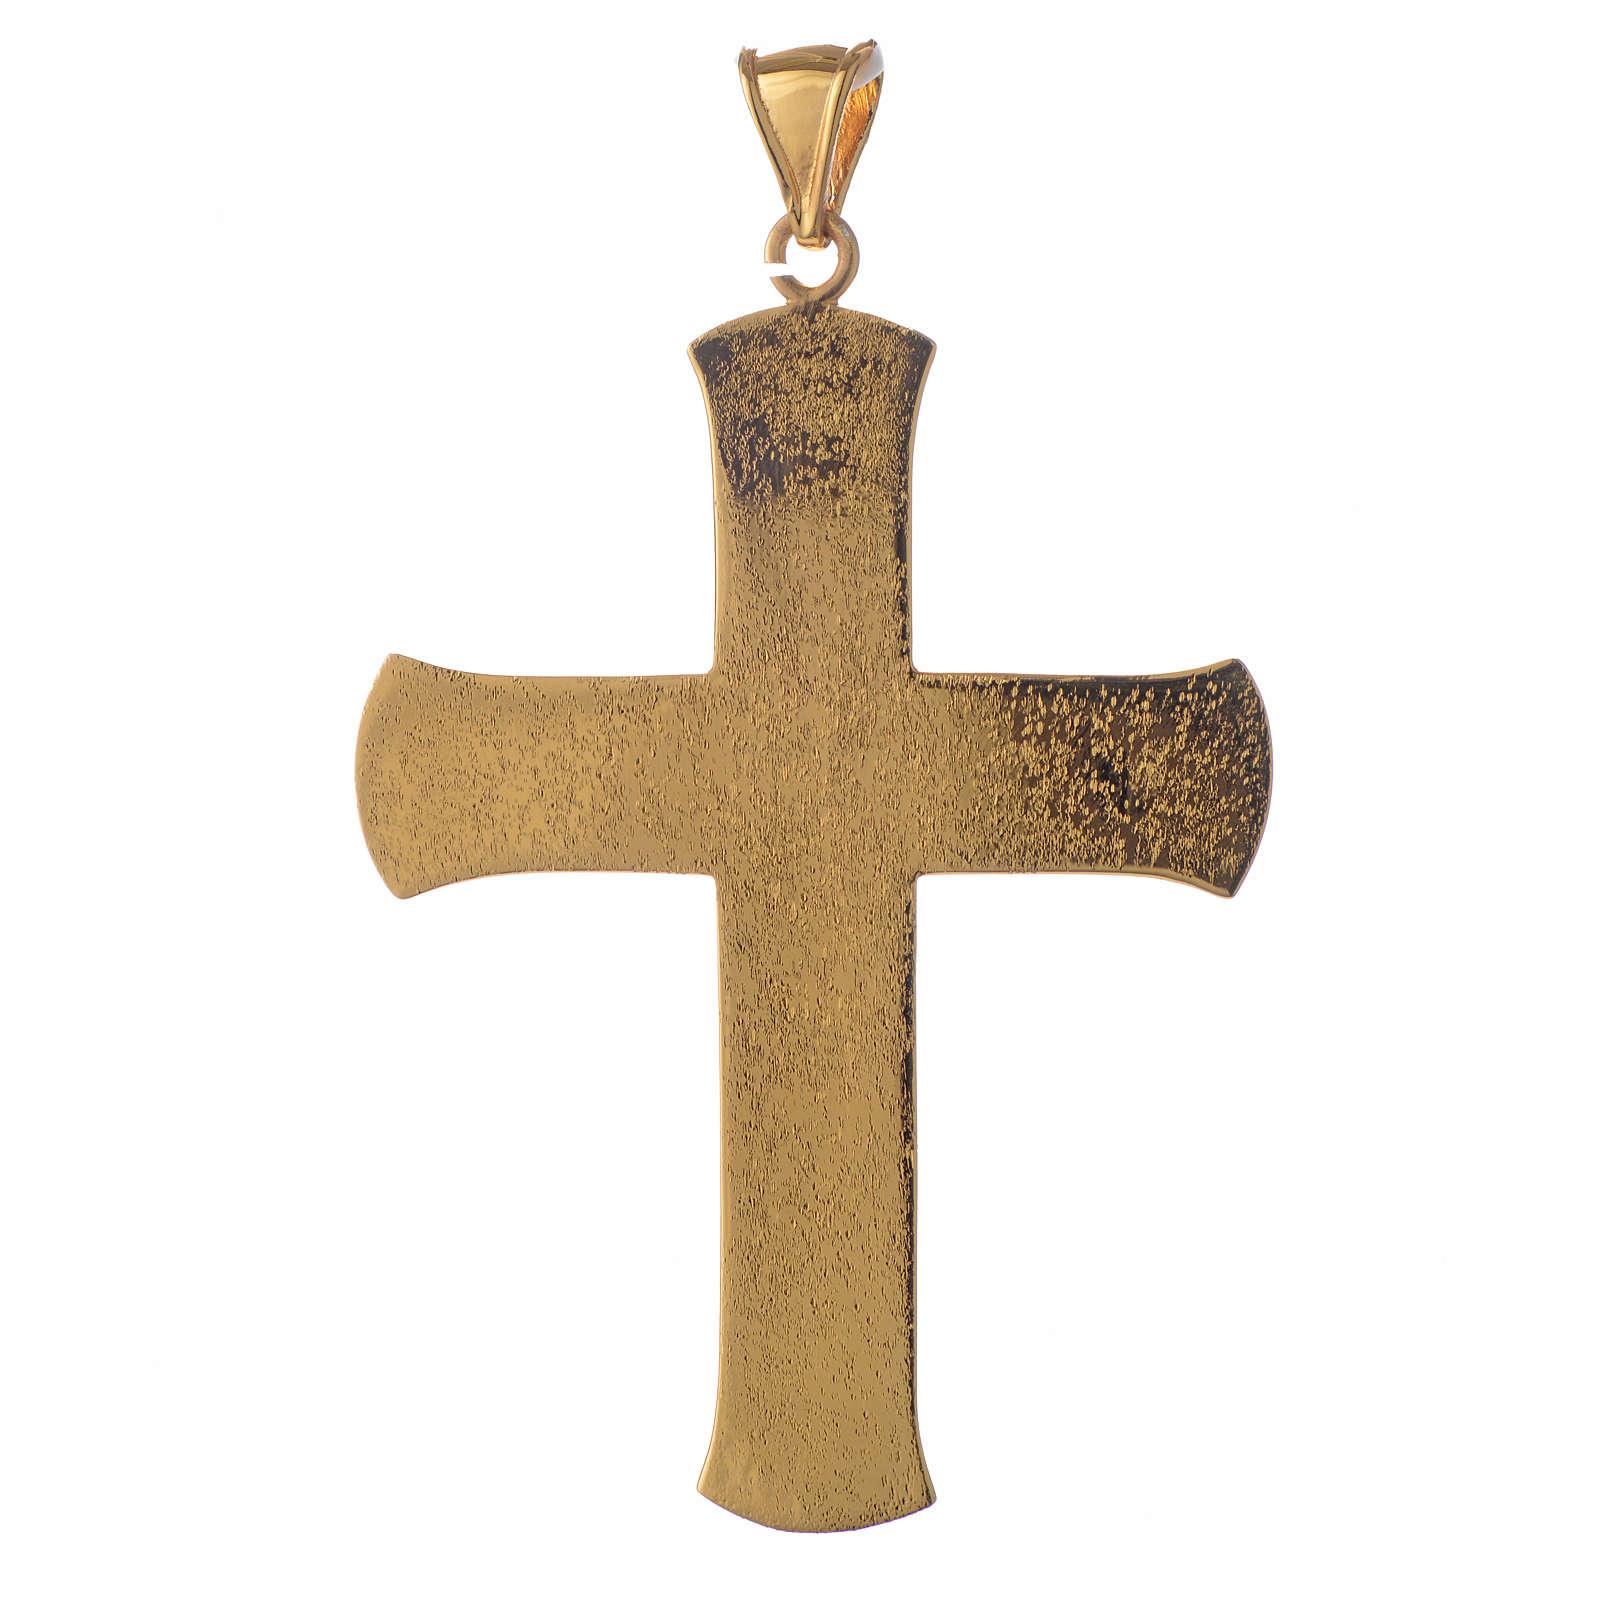 Croce pettorale argento 925 dorato tralci d'uva verde 3